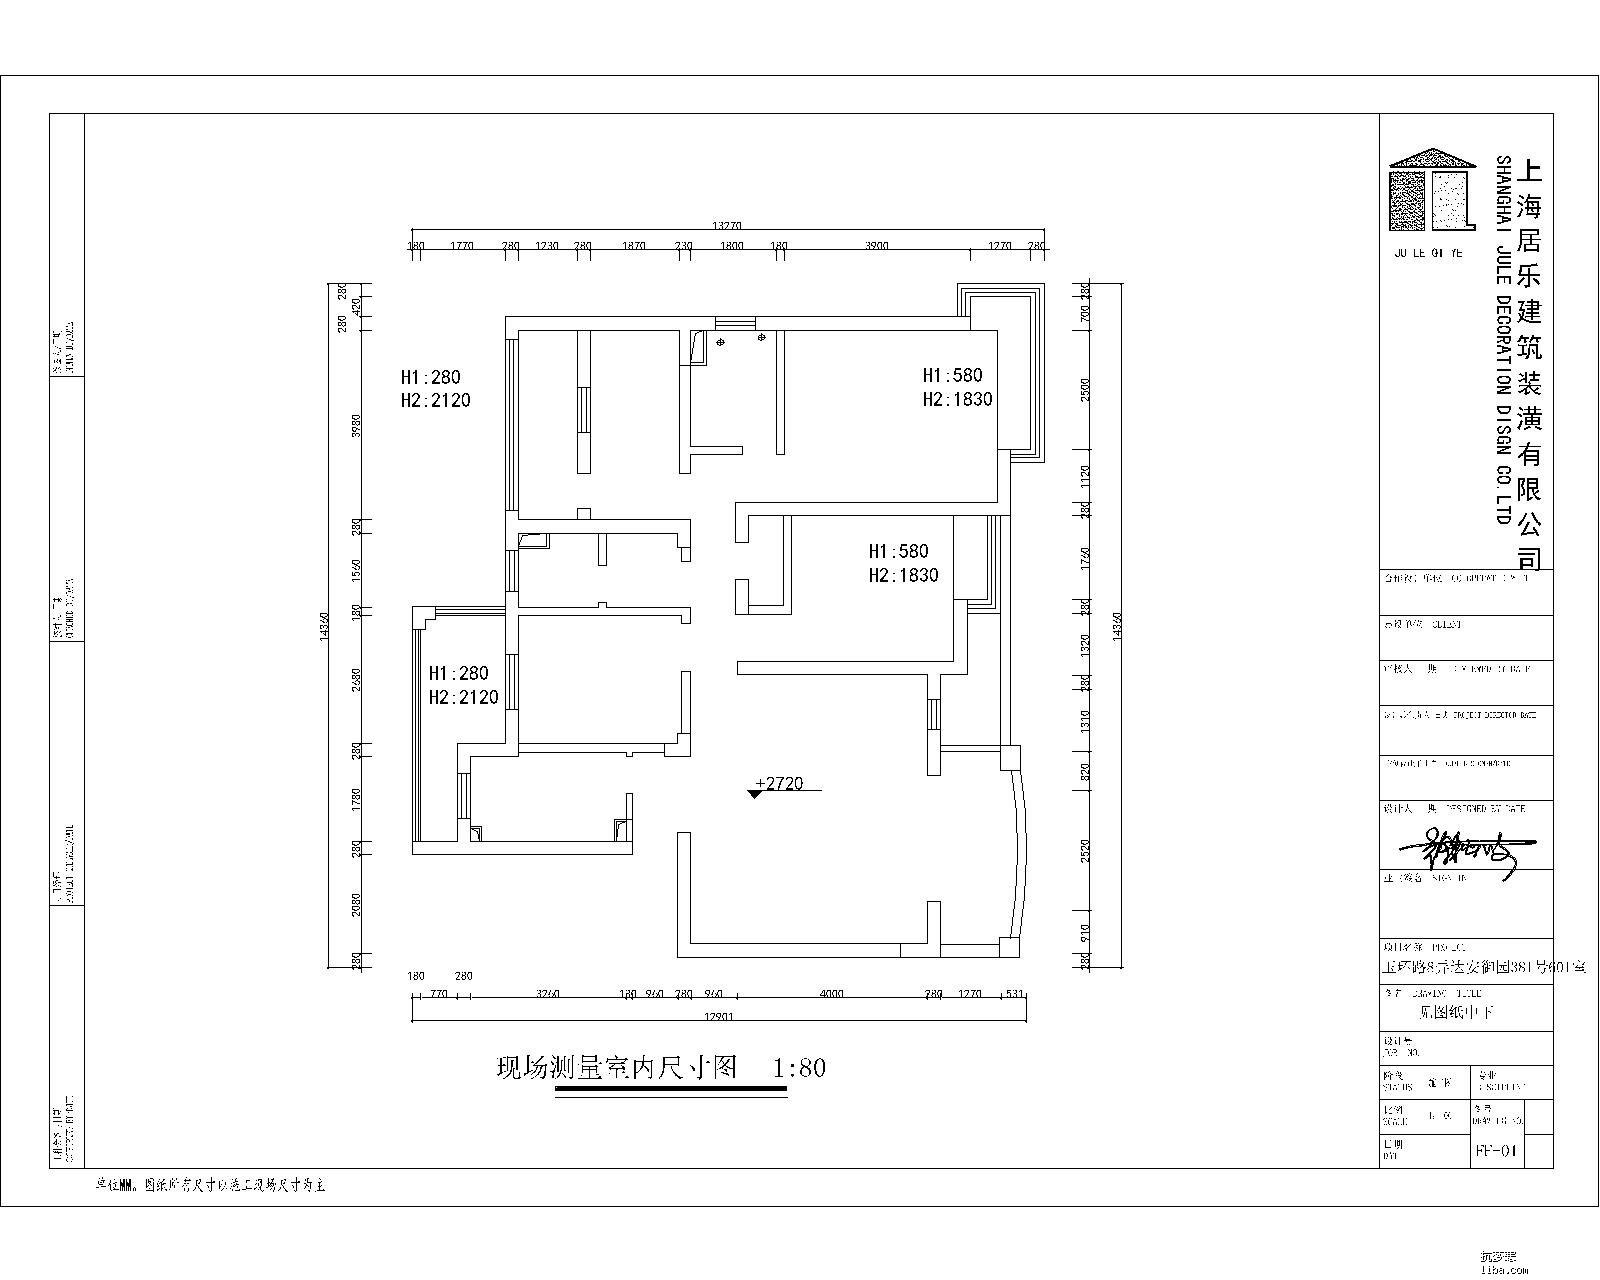 先看看房子本来的面目吧。也是好几十年的老房子,2楼,两间卧室一南一北,暗厅对着朝北的厨房和卫生间。 首先是门,门右边是鞋柜。将来这个位置还是打算做鞋柜的。  决定把一楼改为装修费用清单楼。 2/18 Aw会员卡,可延保一年 10 合计:10 2/18 居乐装修订金 1000 合计:1000 2/18 物业垃圾清理费 300 合计:300 2/20 星月神防盗门 计1050 订金200 弗兰卡油烟机、灶具、水槽 4690(全额未送货) Arrow马桶